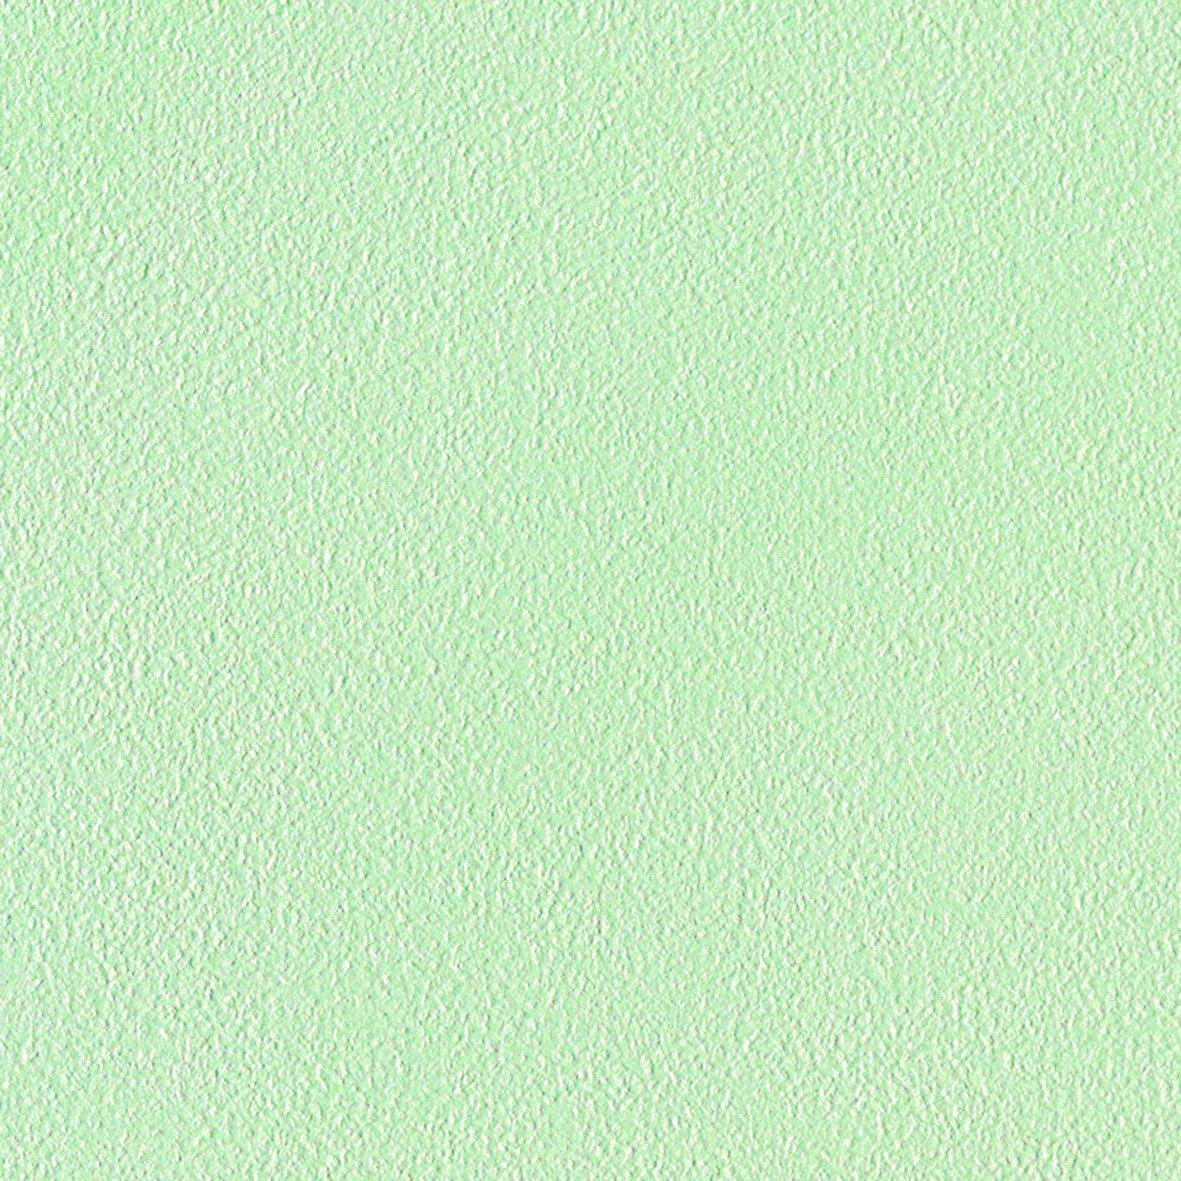 史上一番安い シンフル 壁紙48m リリカラ 石目調 48m グリーン B01n8od5fp Ll 19 グリーン 壁紙 Verificacion Doshermanas Es